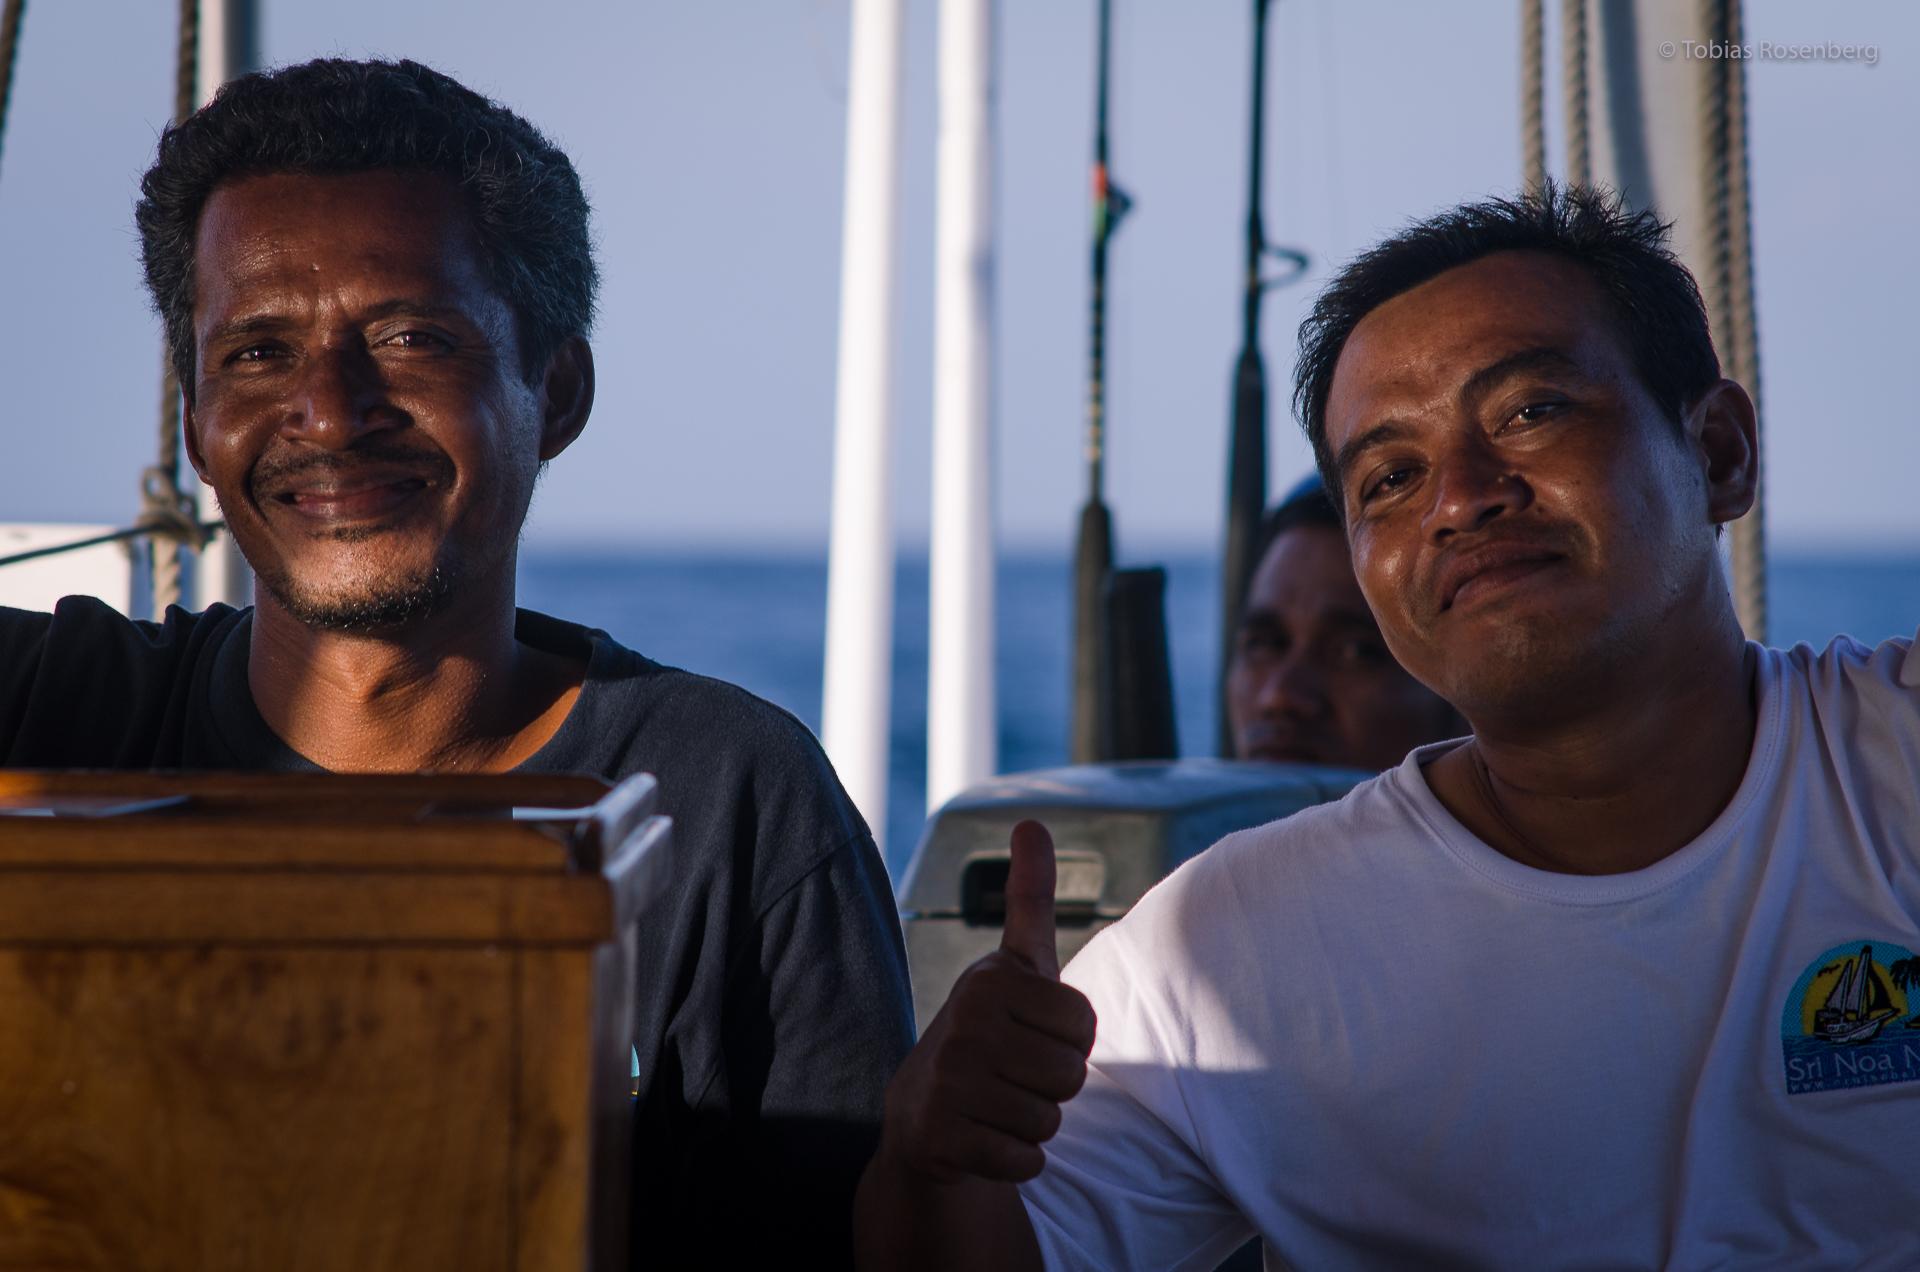 Sri Noa Noa Crew